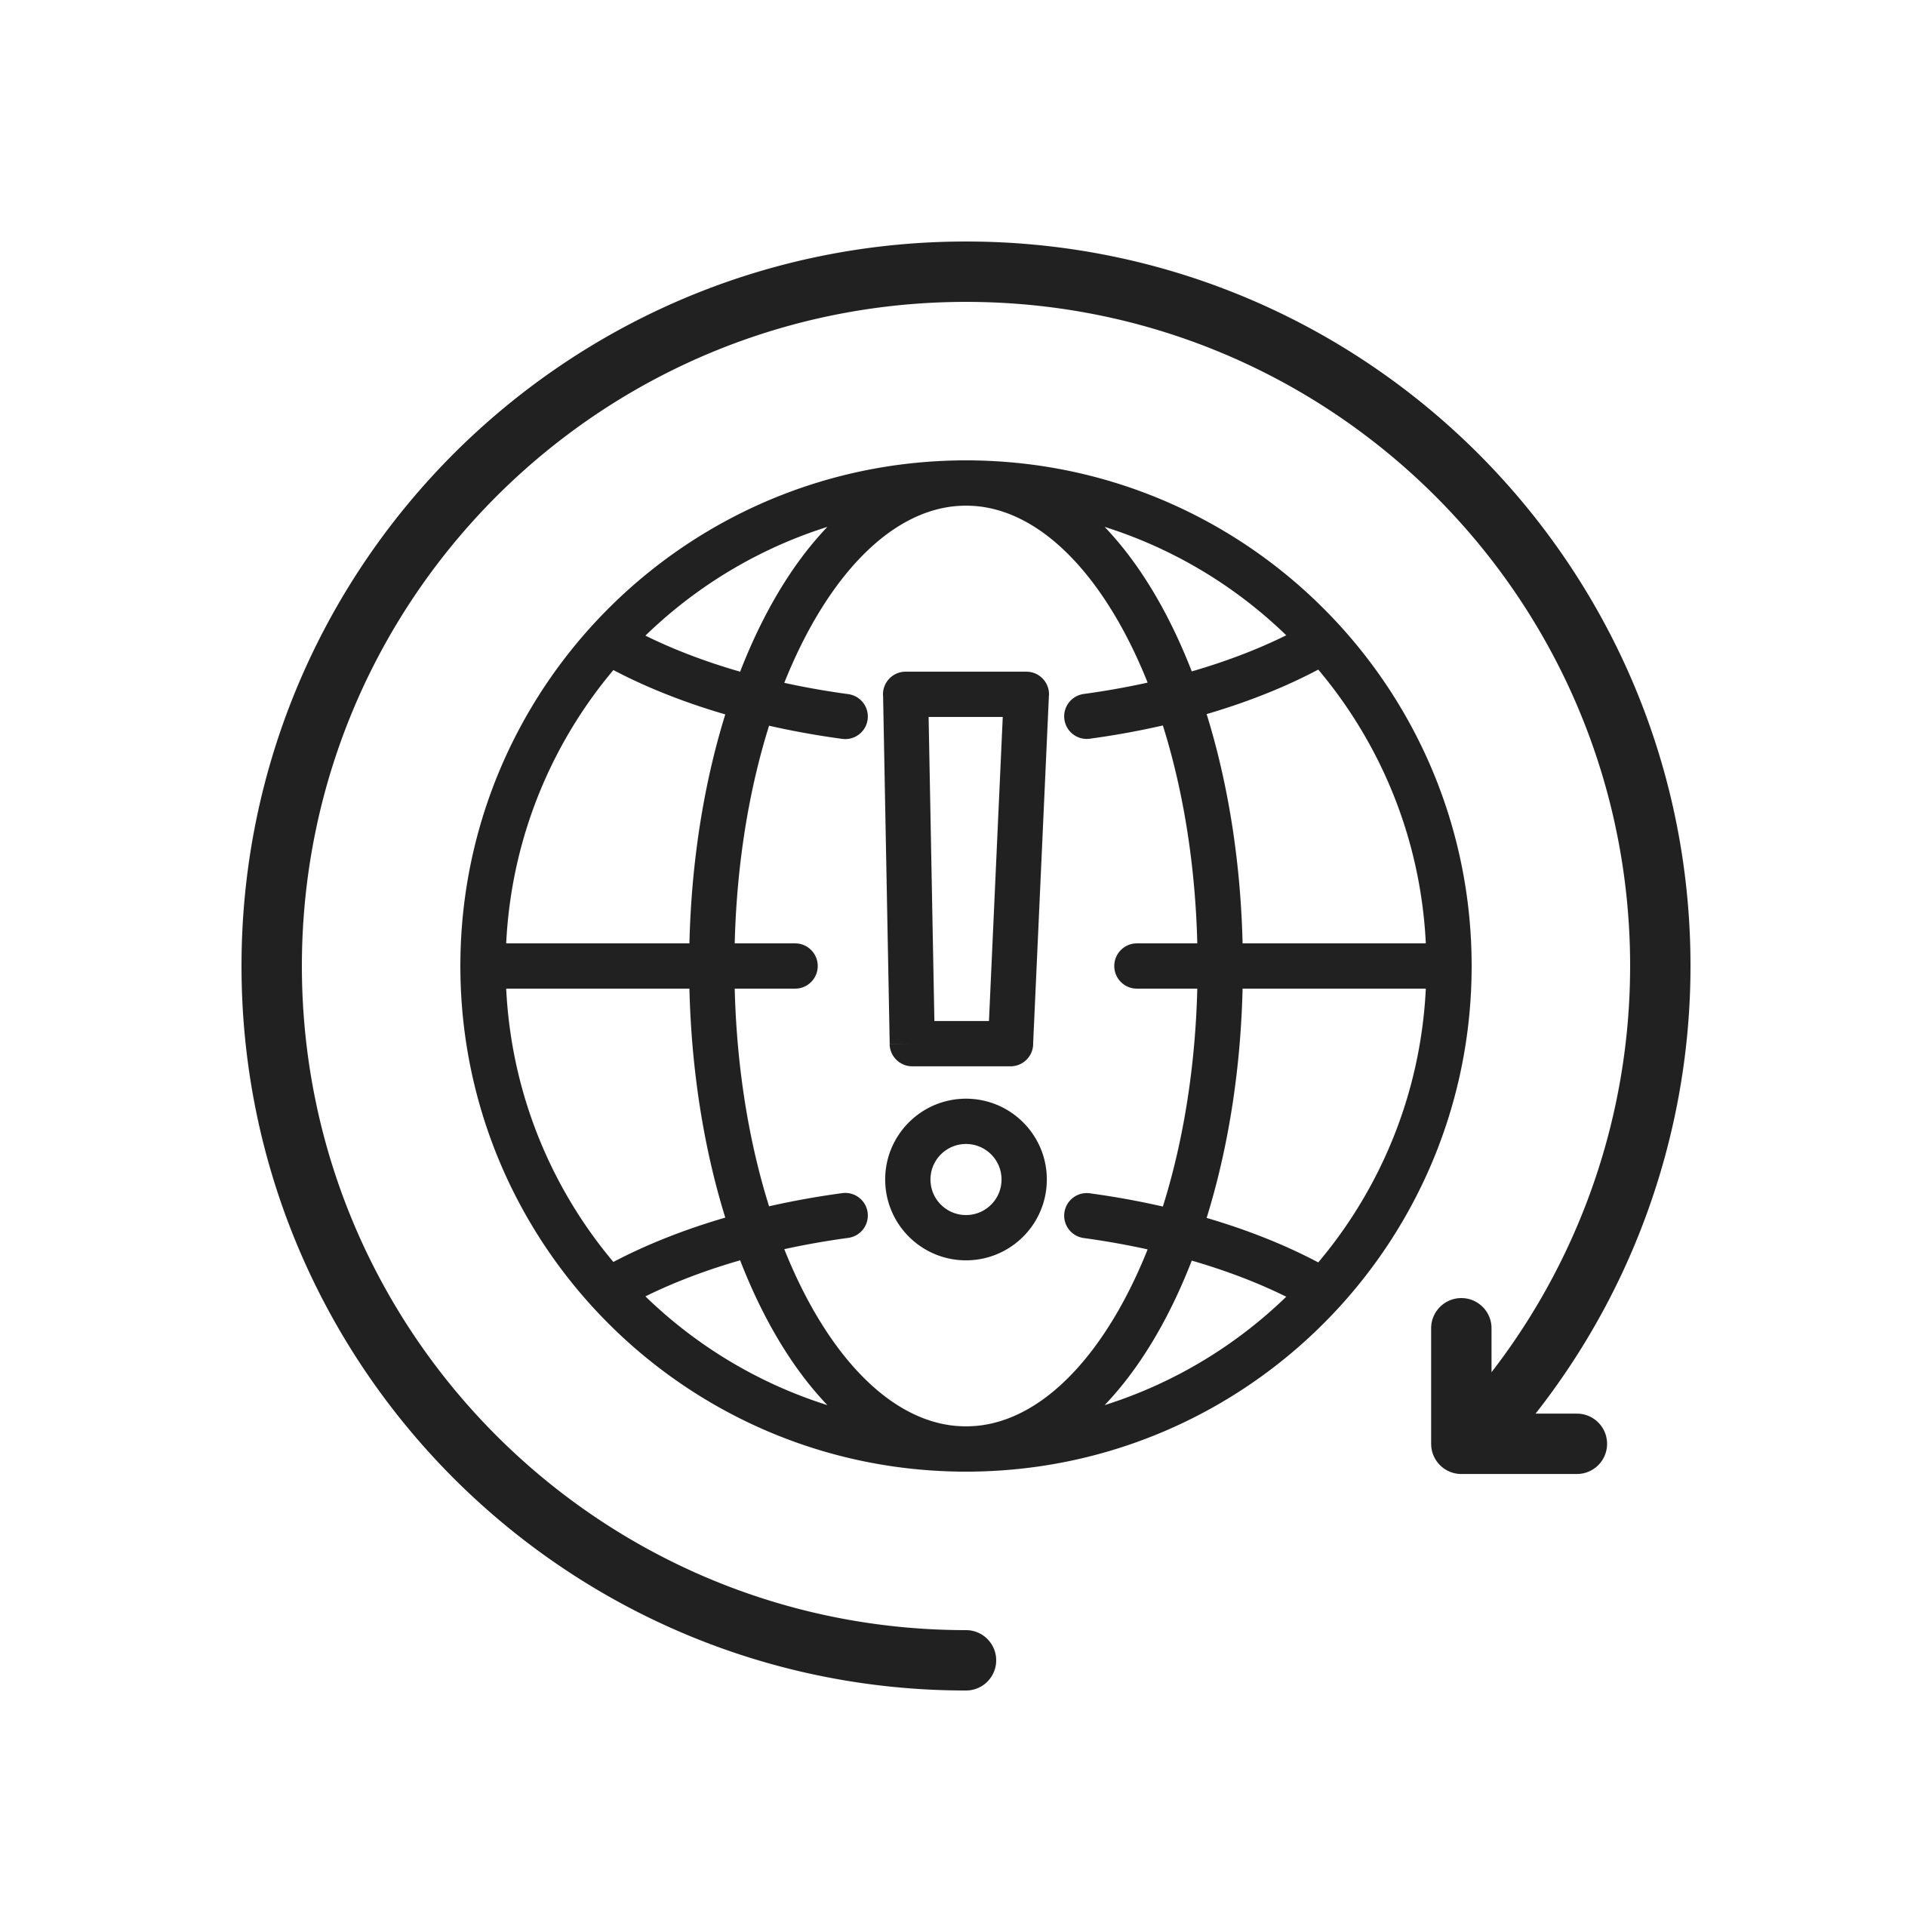 logo design geelong - icon